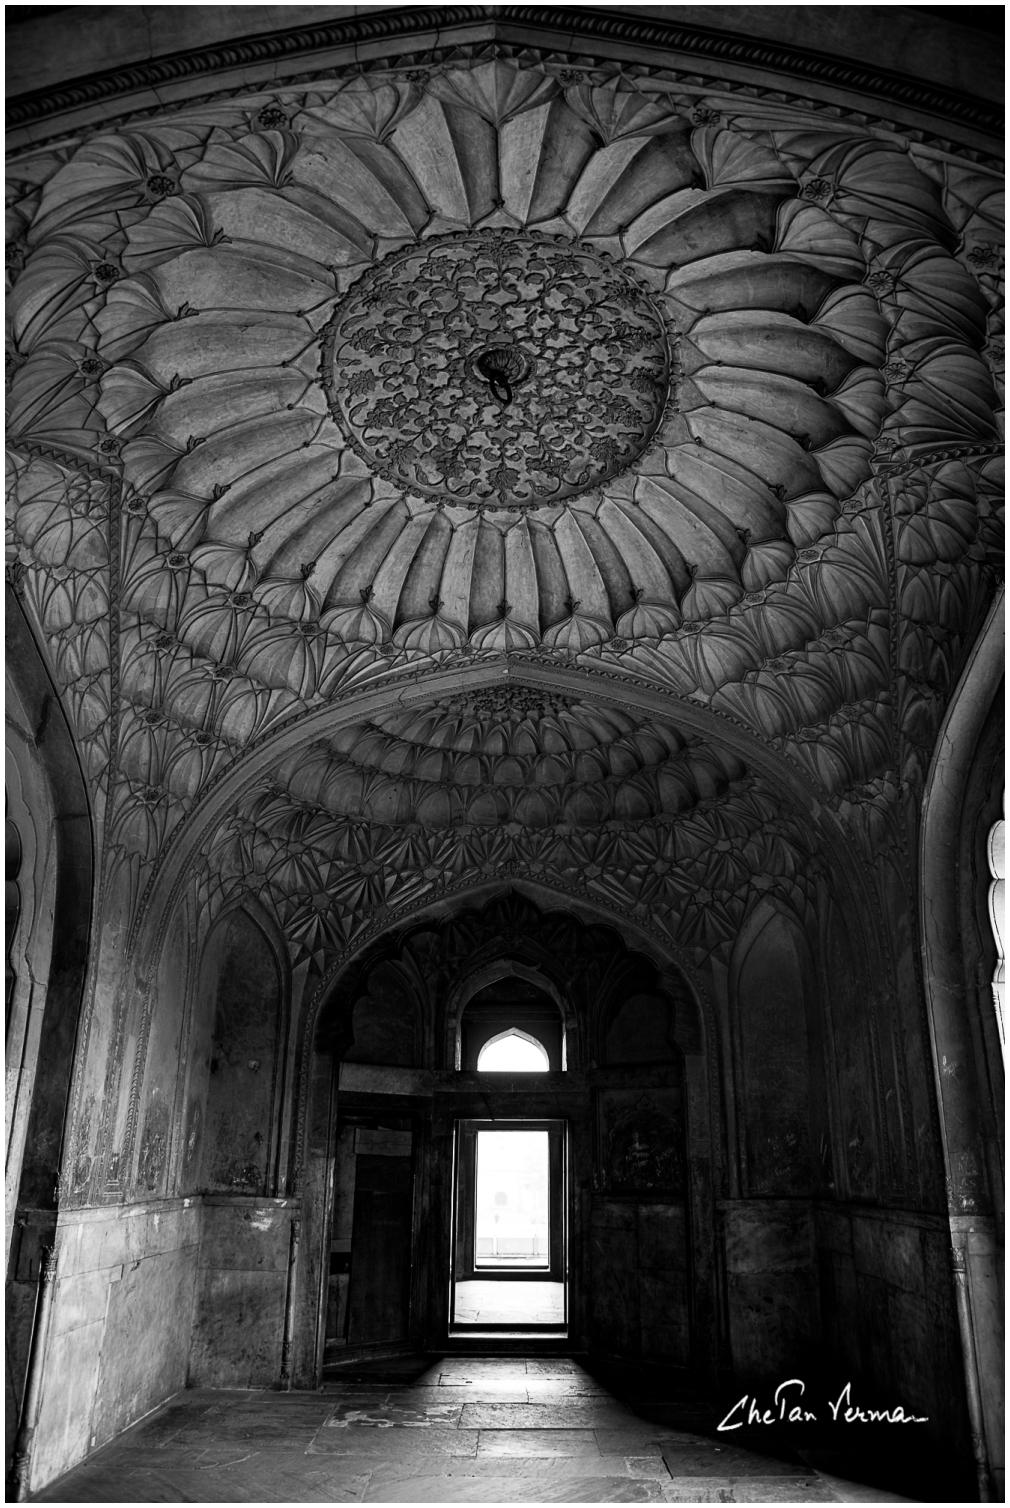 Inner chamber of Safdarjang's tomb